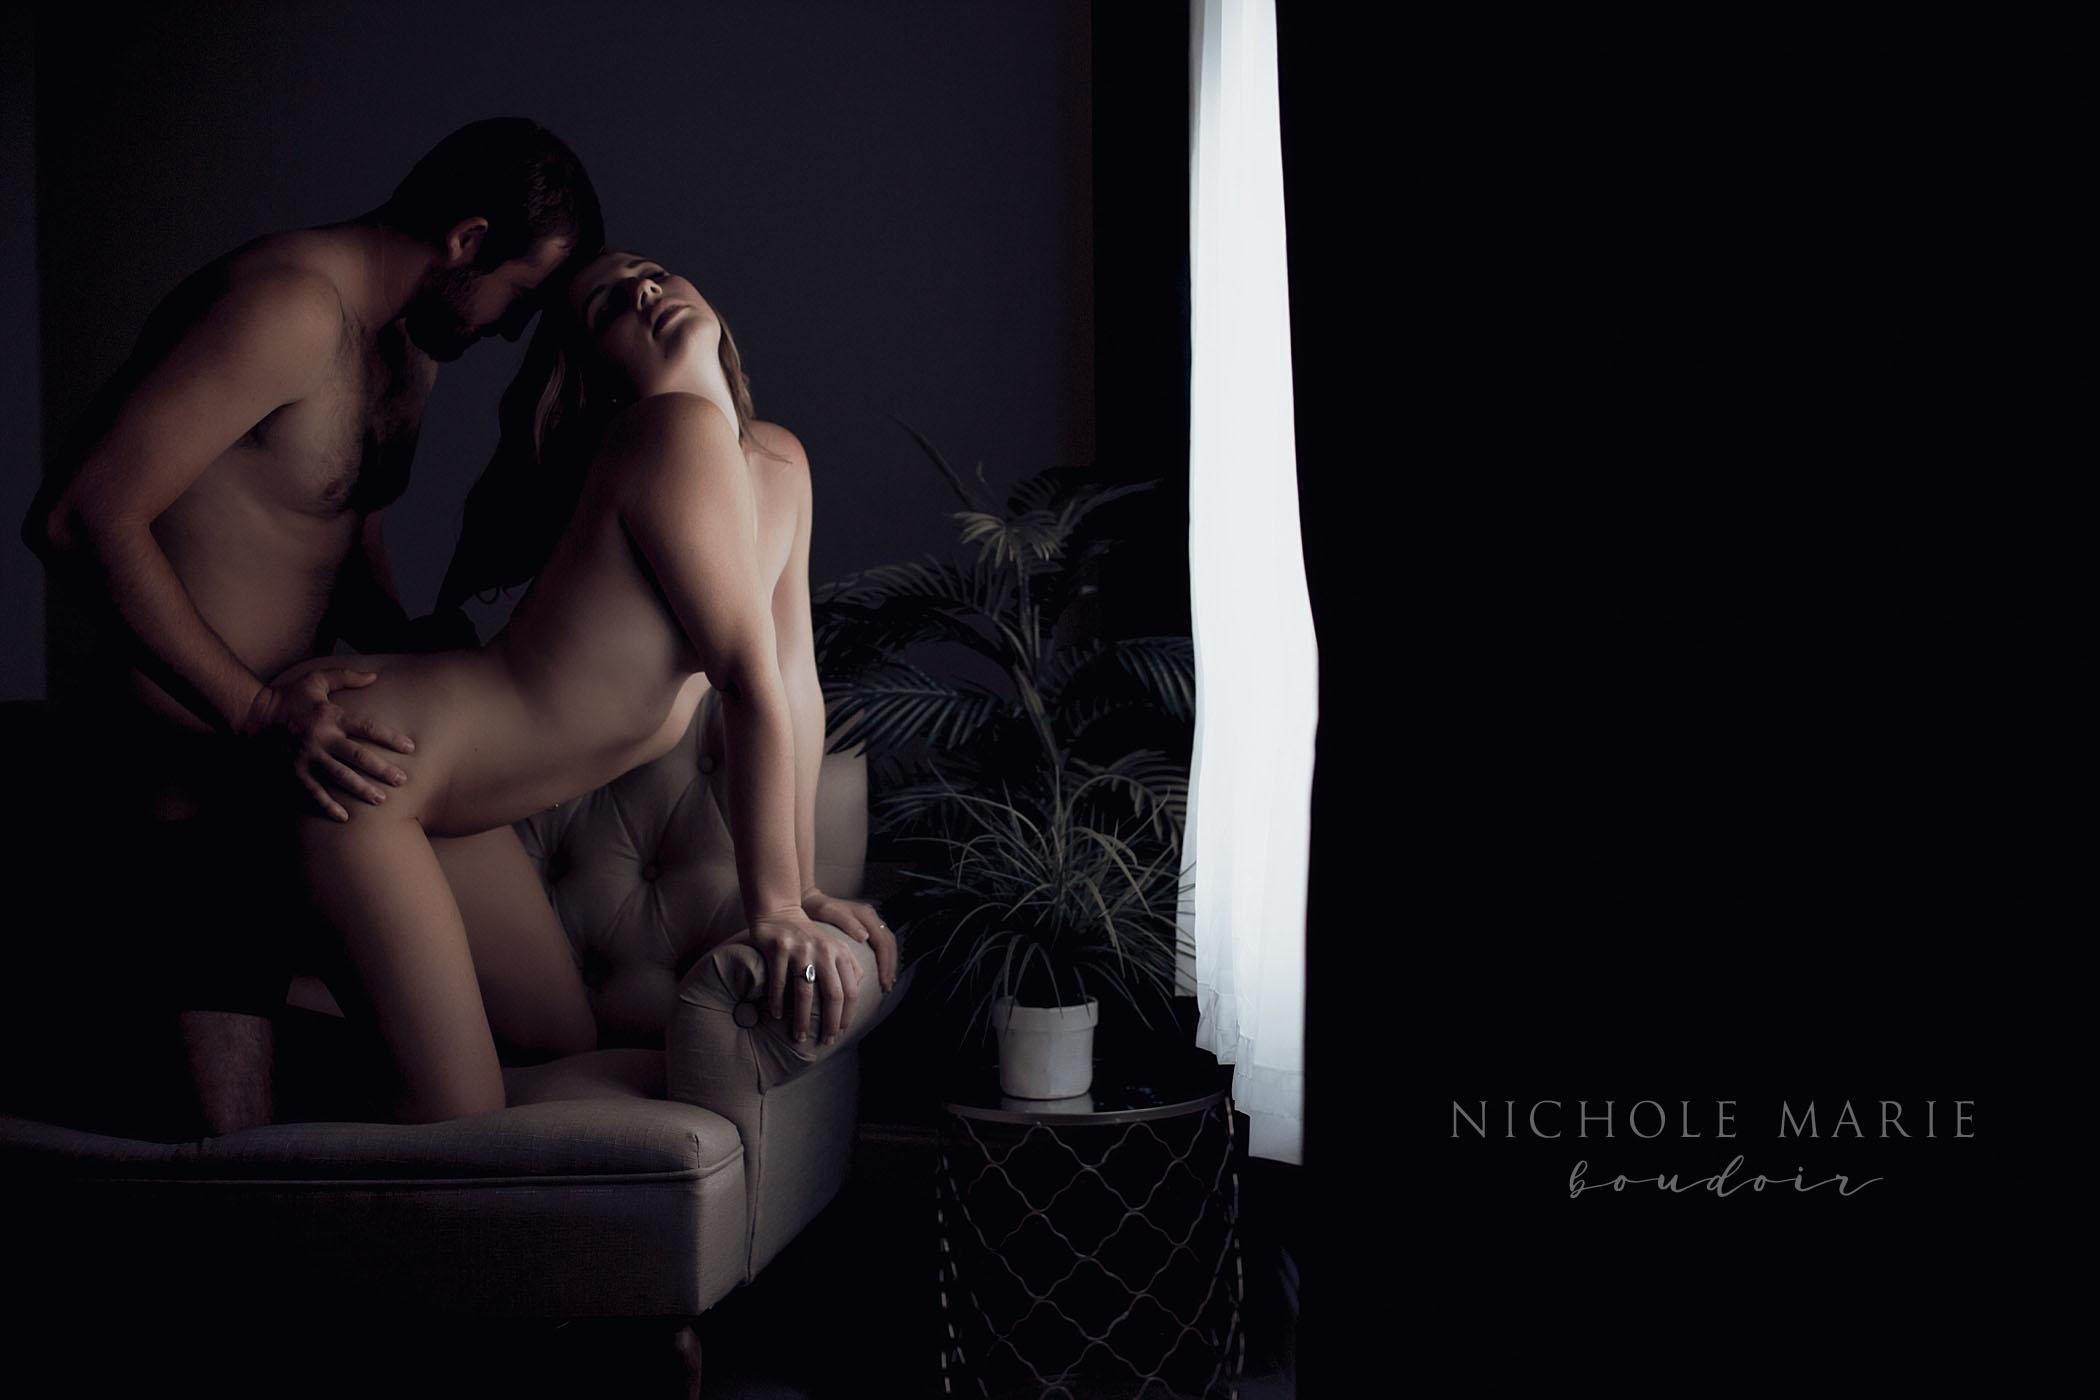 Sebastian,+Florida+Boudoir+Photographer+|+Nichole+Maire+Boudoir_0075.jpg